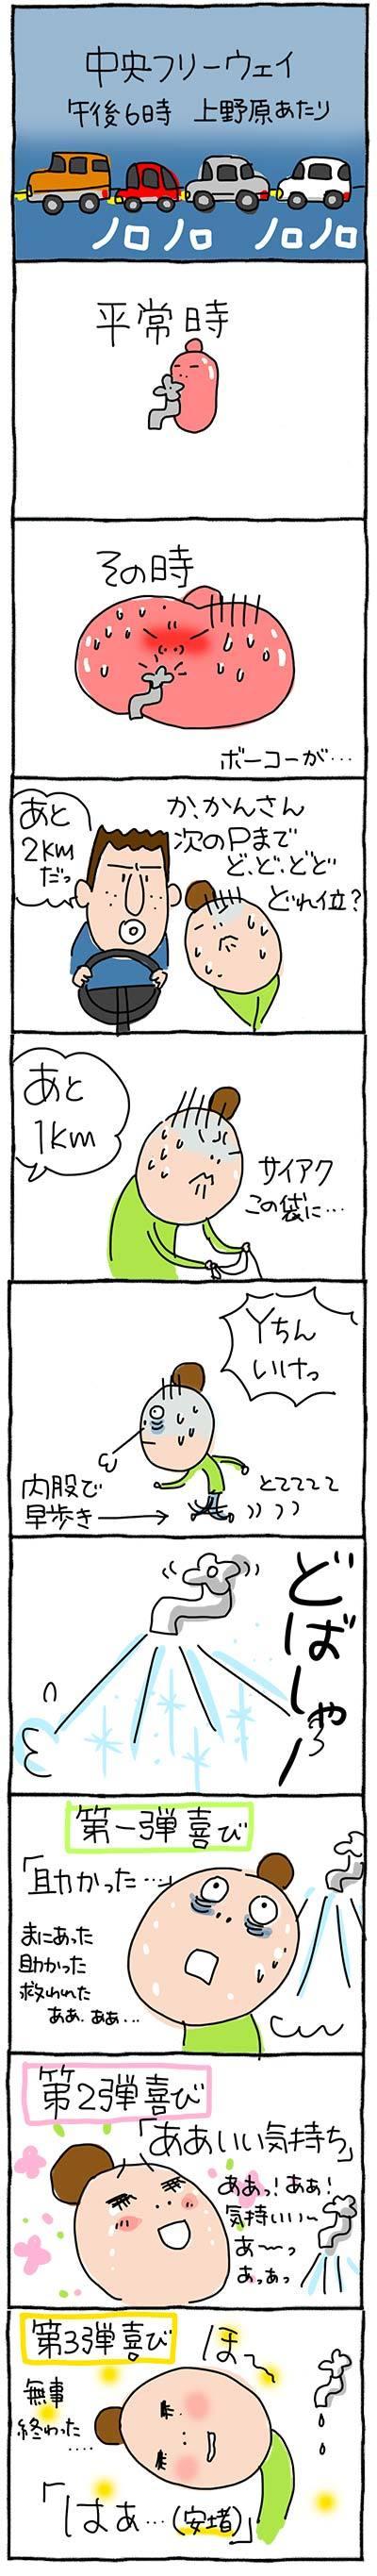 170911ぼーこー